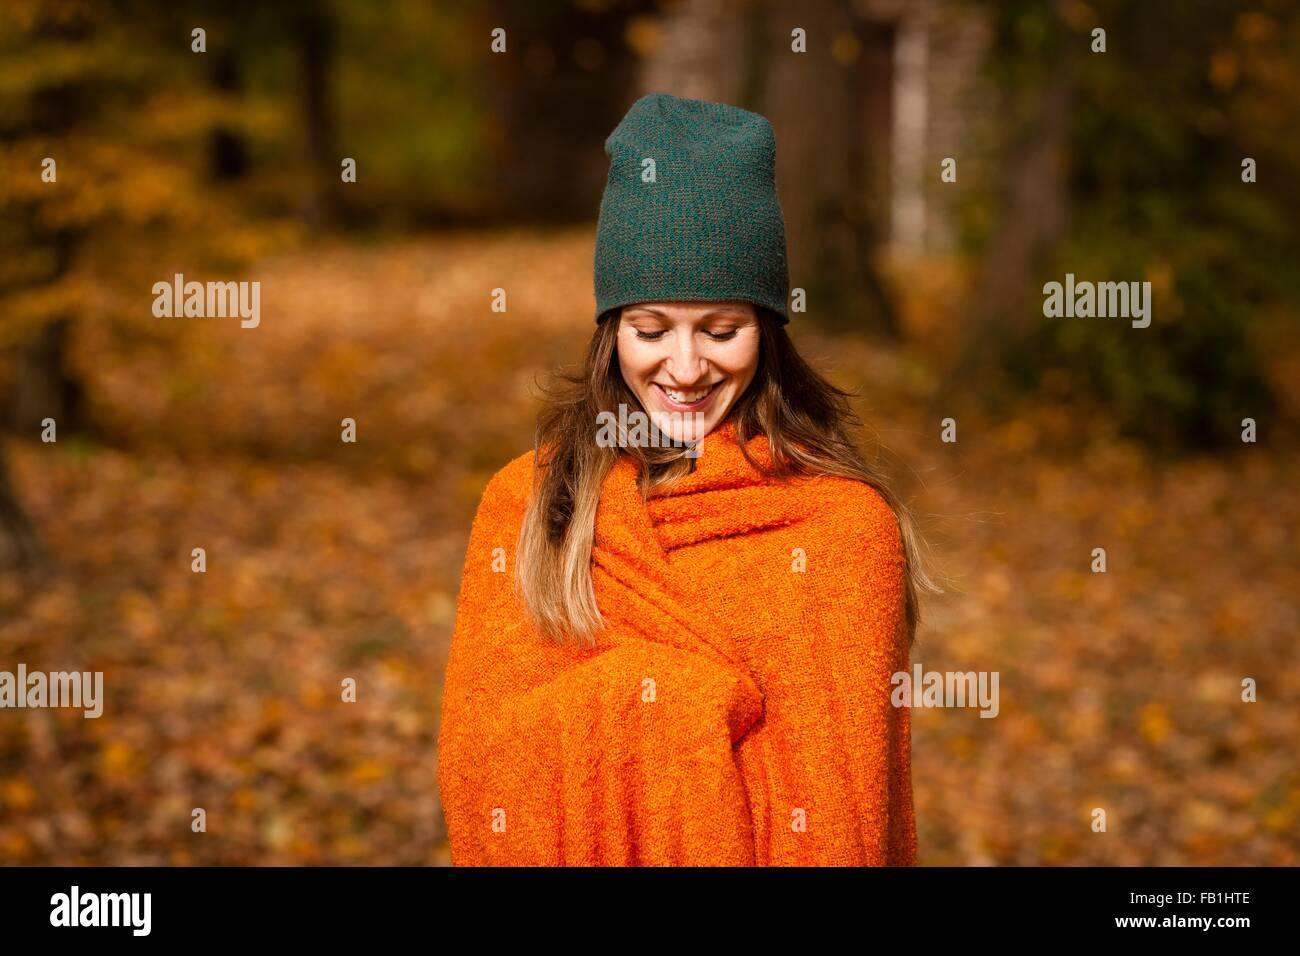 Junge Frau in orange Decke im herbstlichen Wald gehüllt Stockfoto